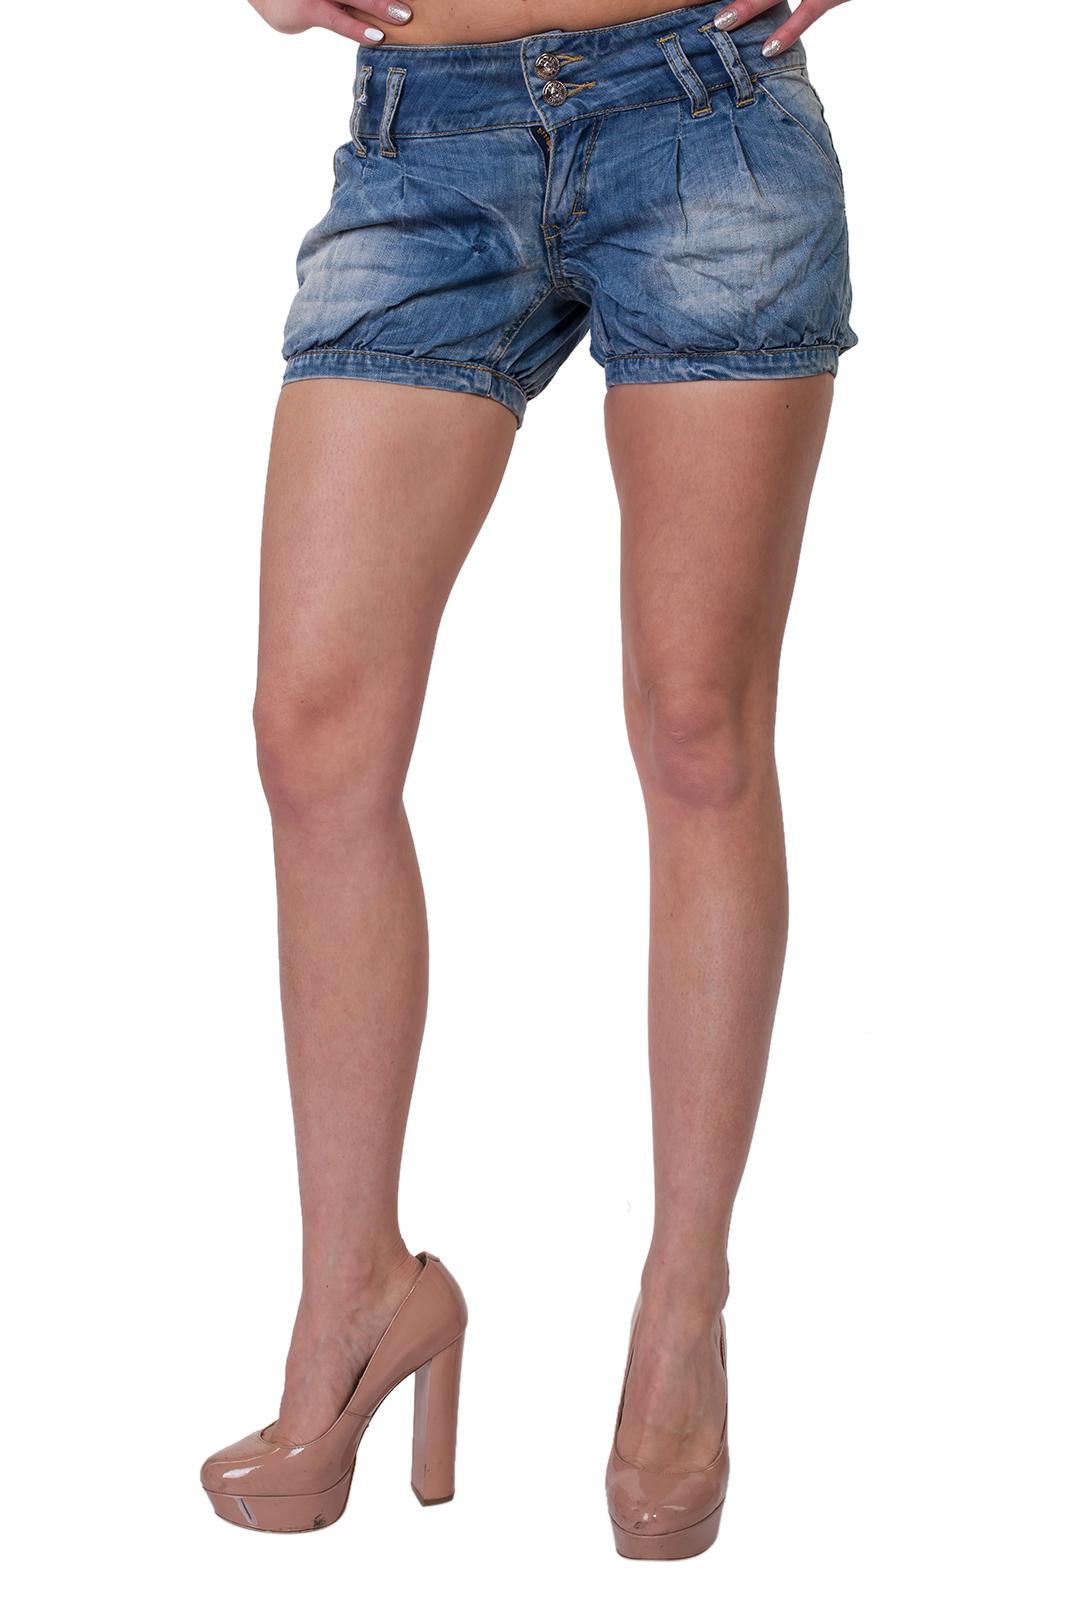 последние джинсовые шорты для коротких ног фото достичь наилучшего результата